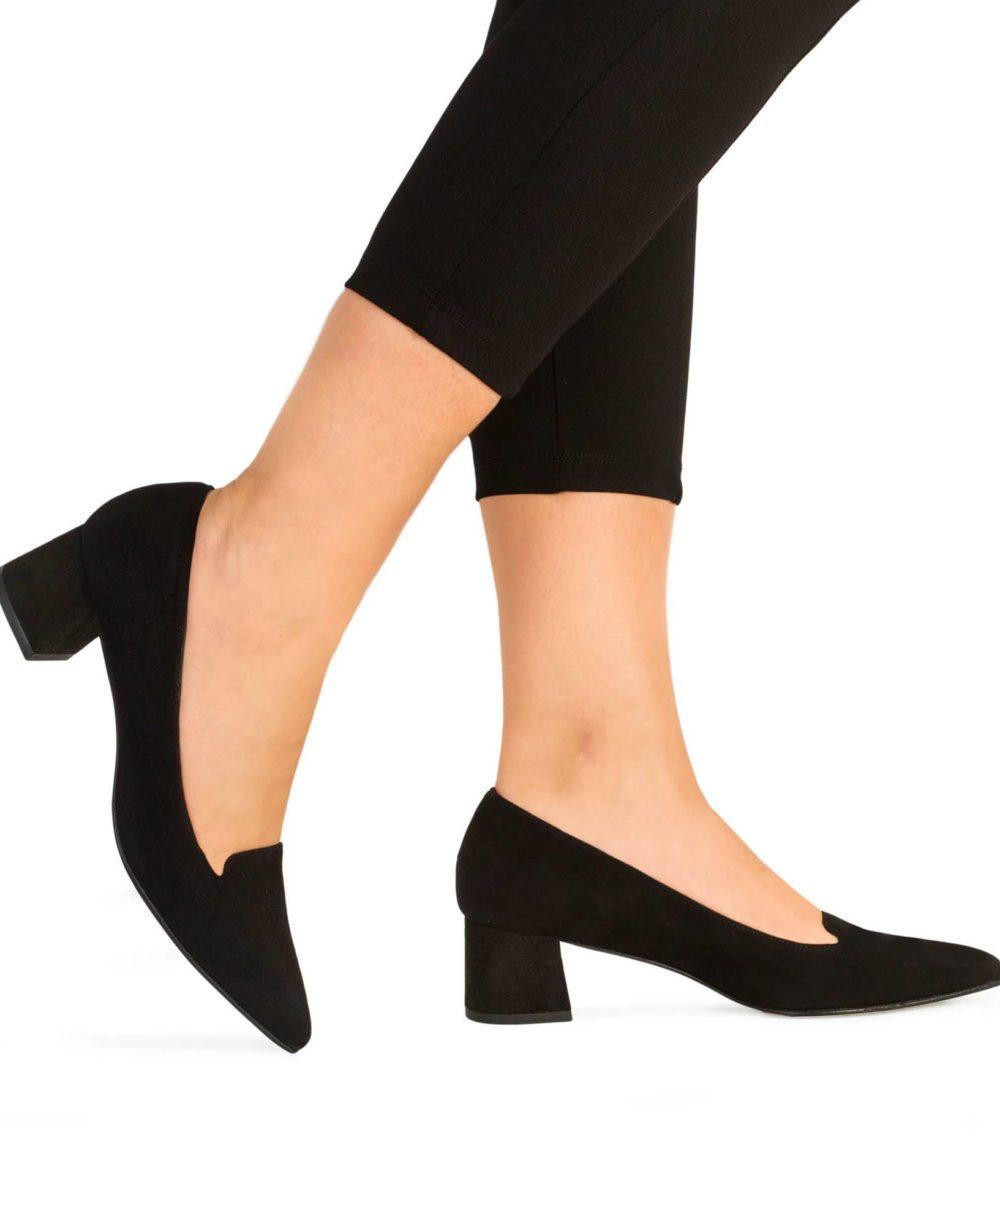 Zapatos de piel Paco Gil. P-3418X Black Suede Piernas